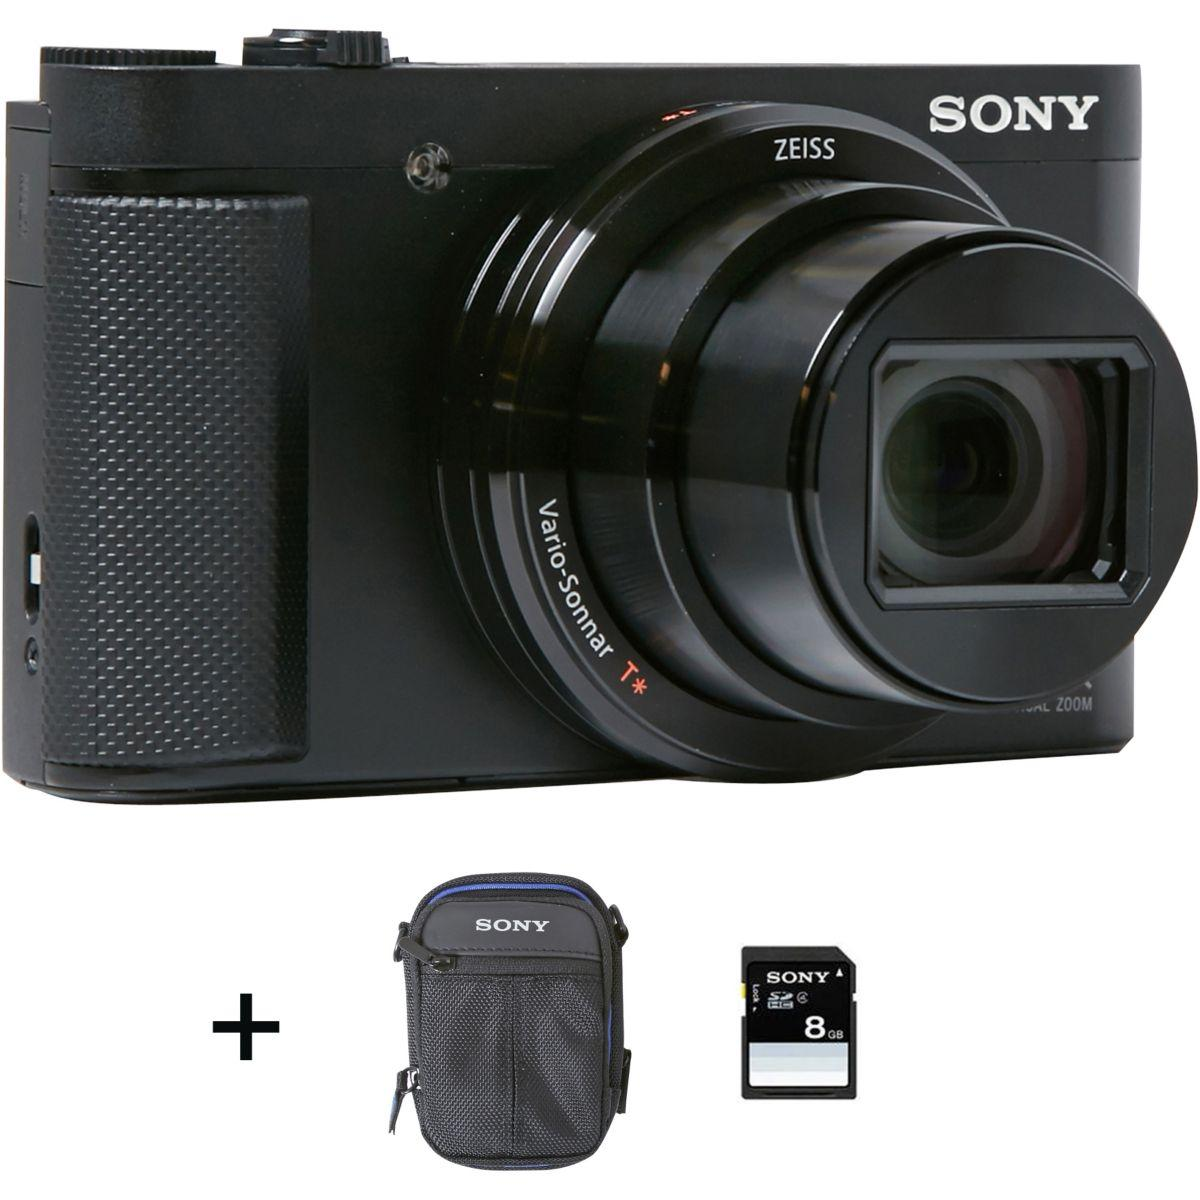 Appareil photo compact sony pack hx80 noir + housse + carte sd 8 go - 10% de remise immédiate avec le code : photo10 (photo)